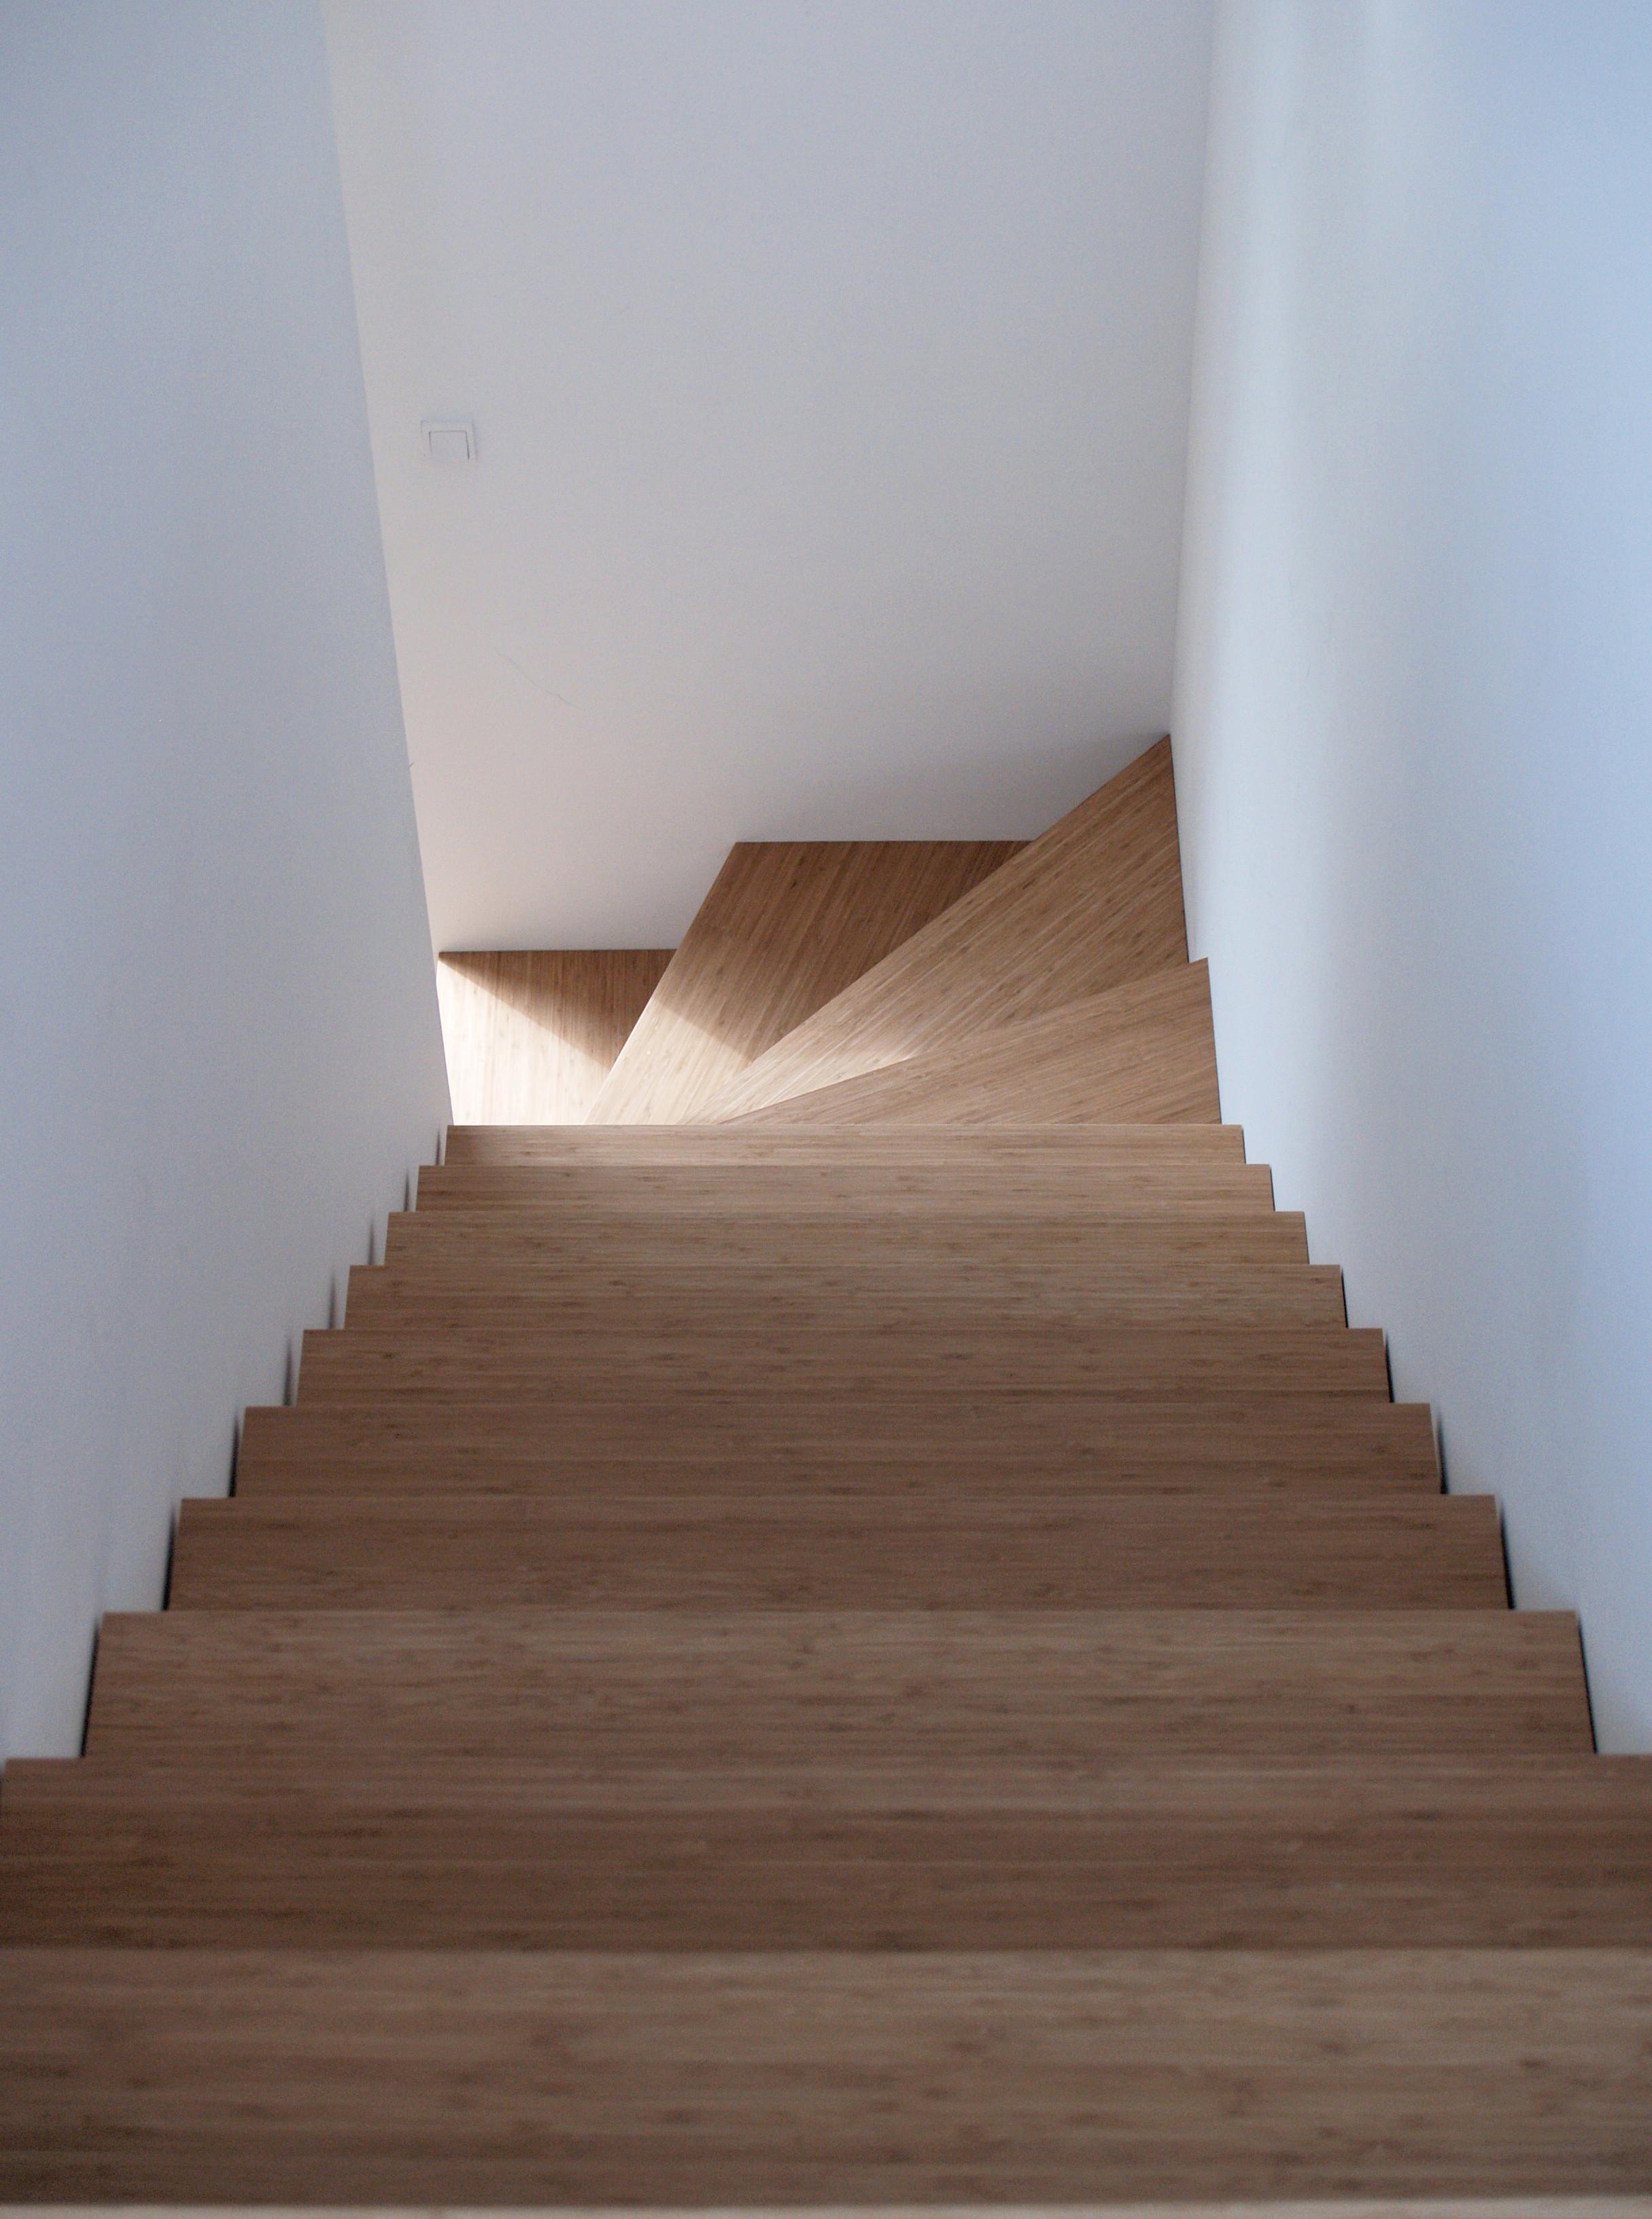 hardwood floor stairs of filebbb low cost housing bamboo stairs tegnestuen vandkunsten within filebbb low cost housing bamboo stairs tegnestuen vandkunsten 2004 2008